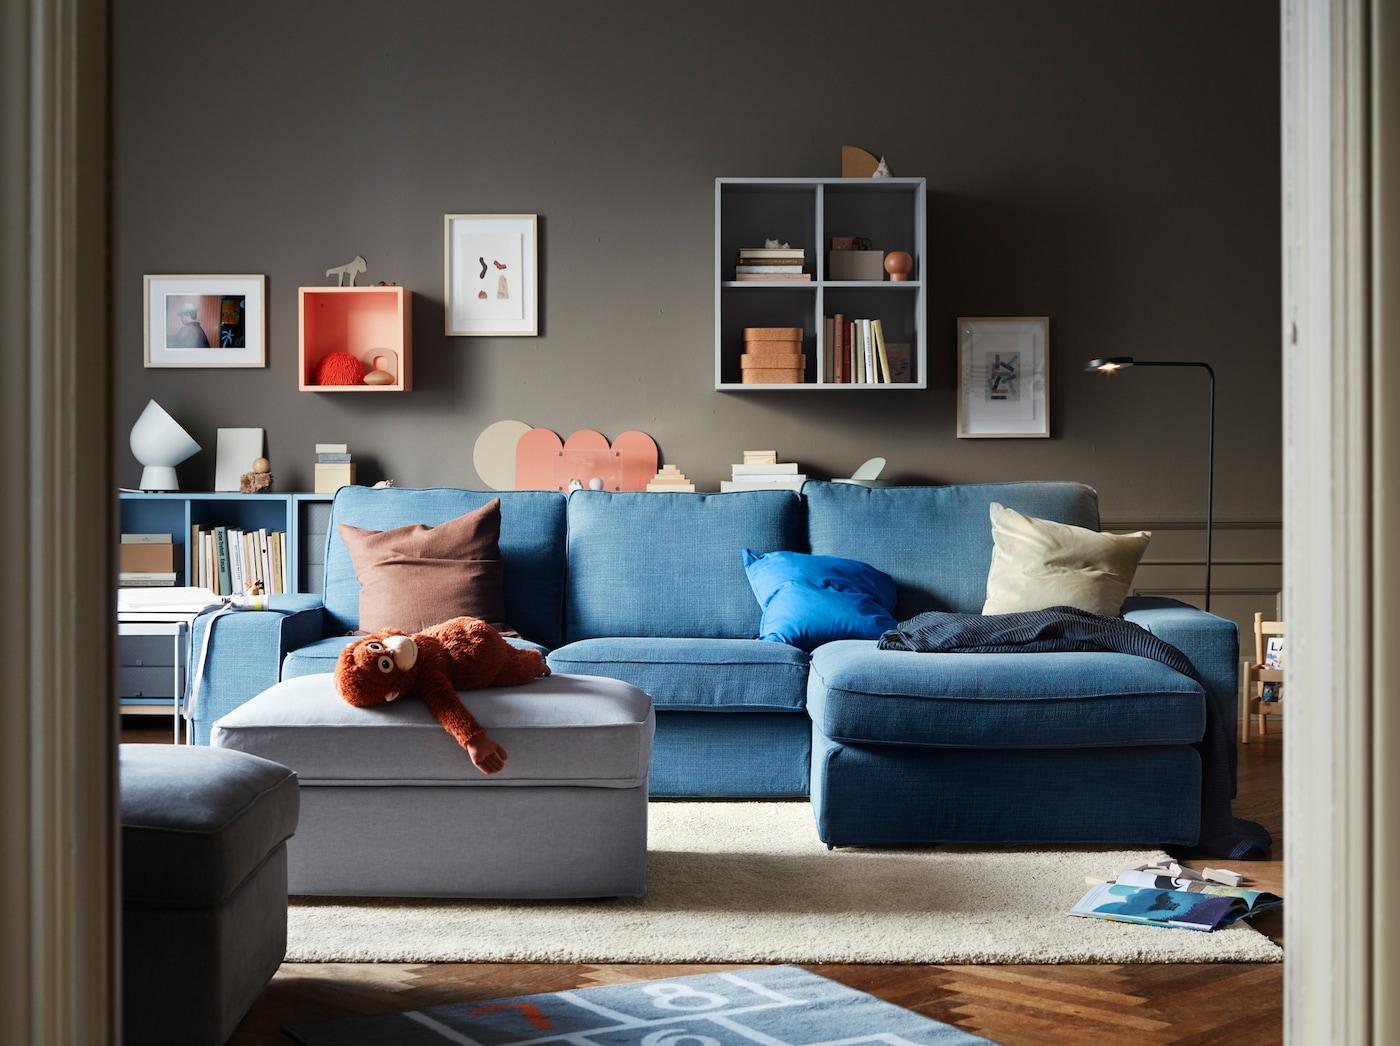 flexibles wohnzimmer f r gro klein ikea. Black Bedroom Furniture Sets. Home Design Ideas